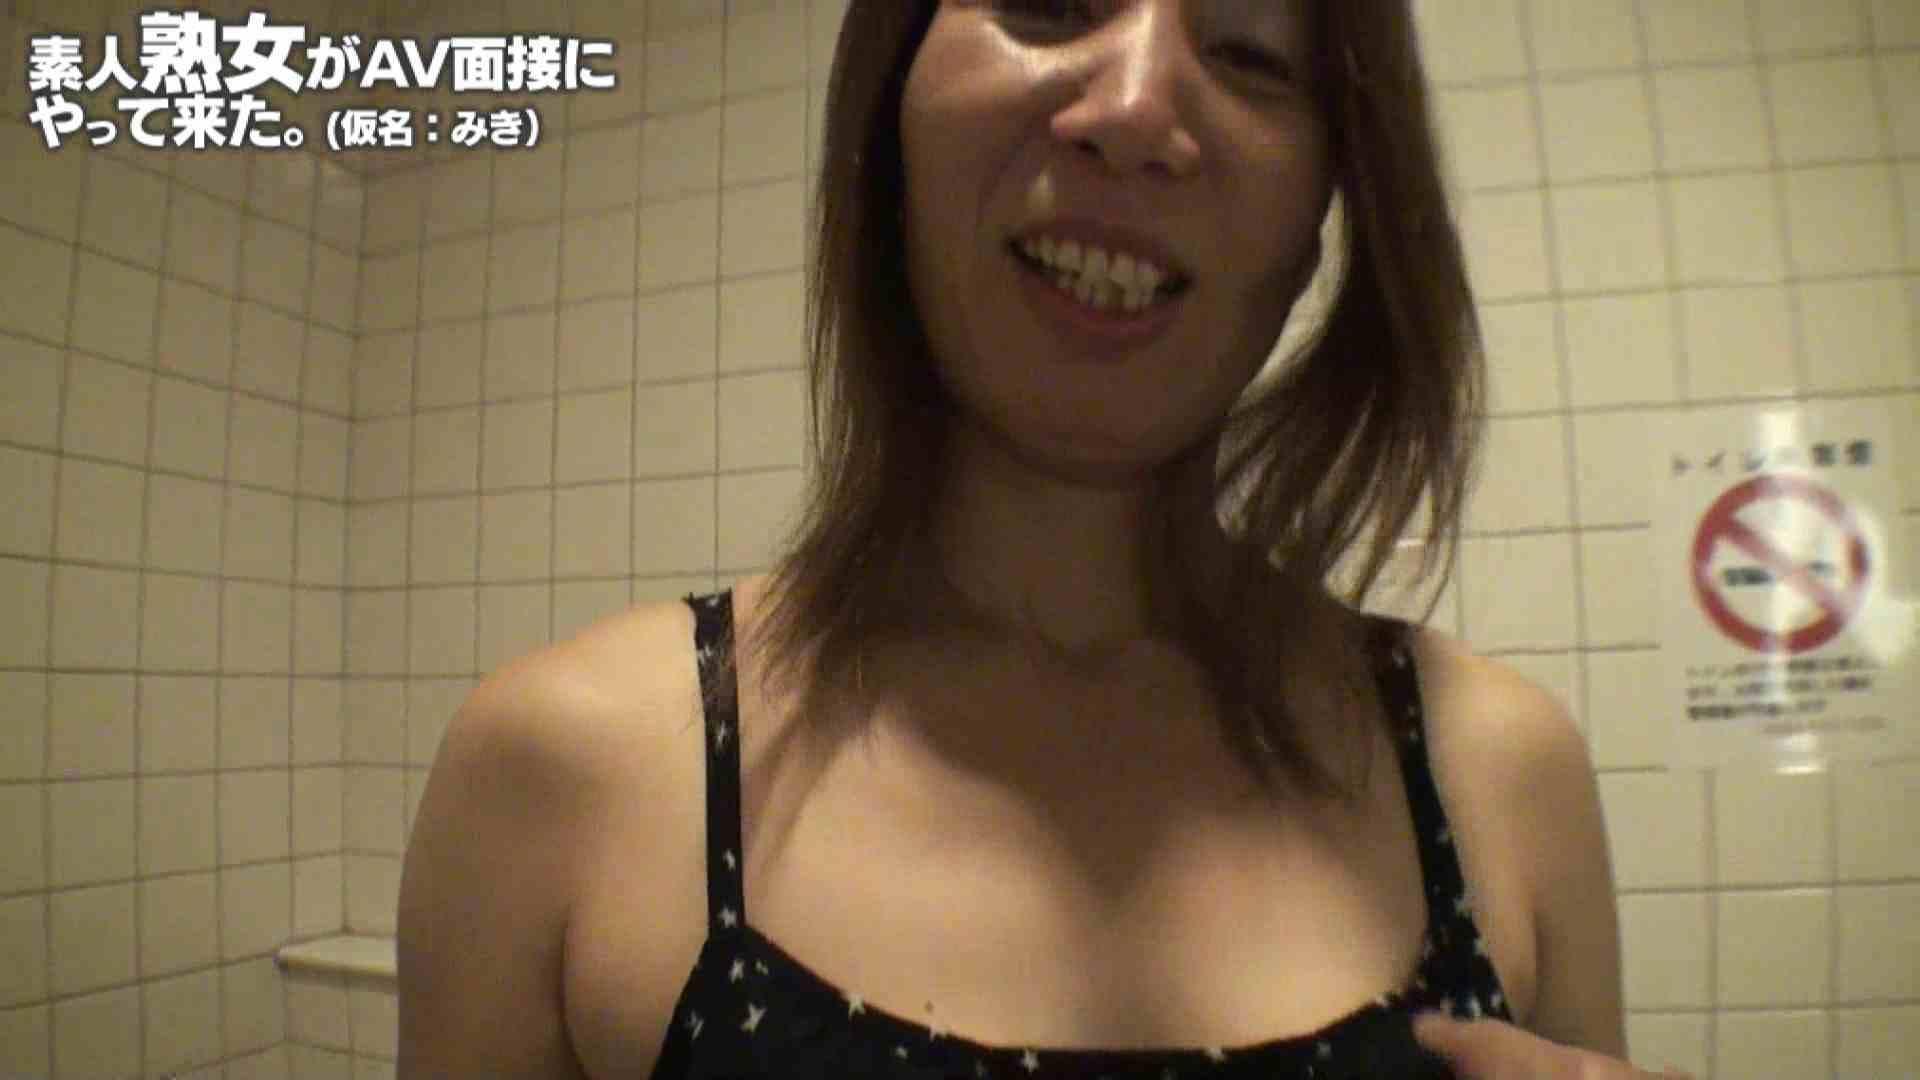 素人熟女がAV面接にやってきた (熟女)みきさんVOL.03 熟女のエッチ オメコ動画キャプチャ 105pic 22